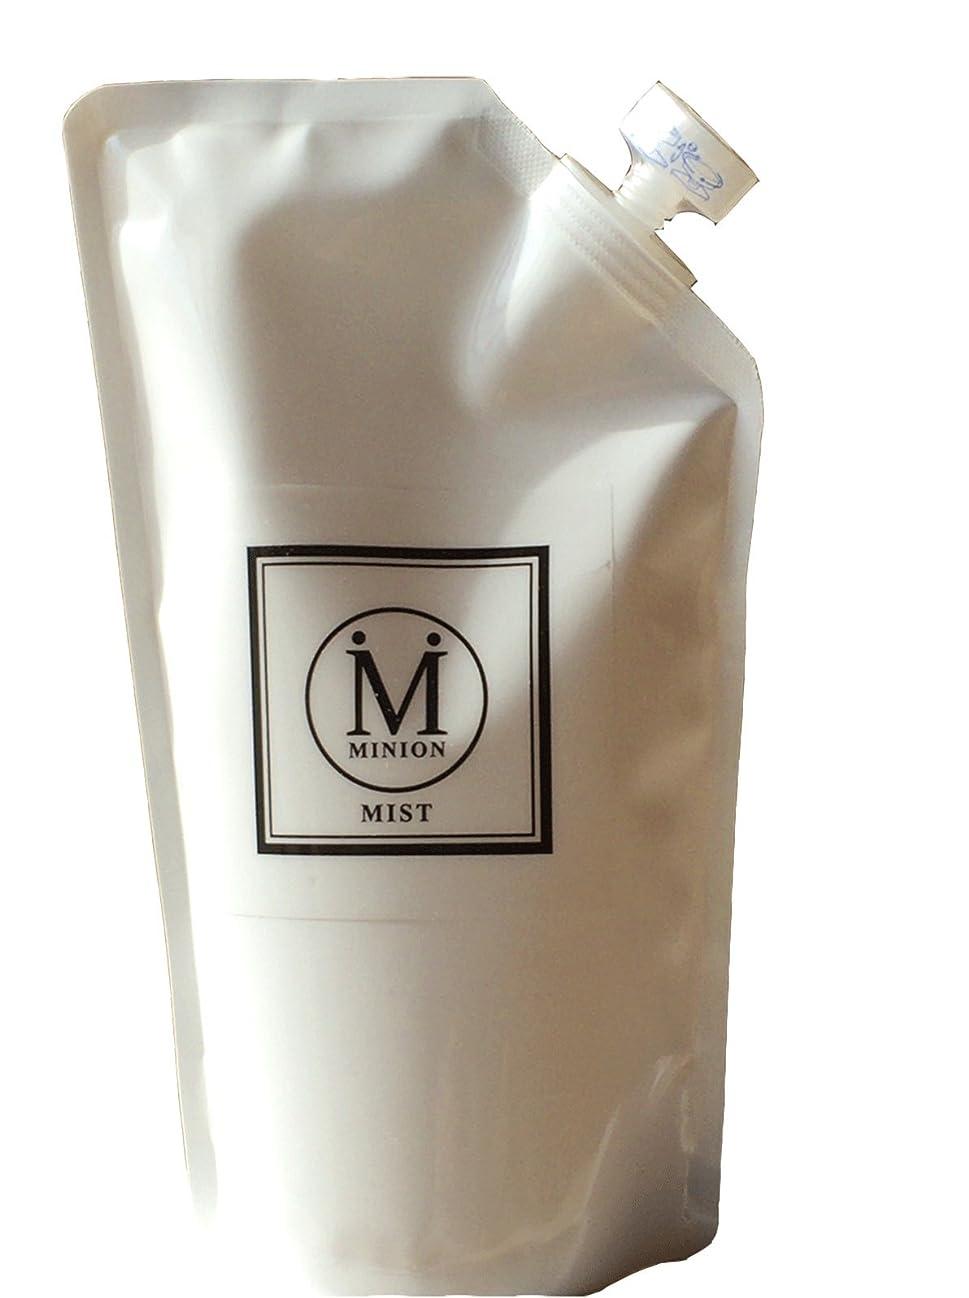 投げ捨てる告白するタンパク質MINION MIST(??????? / 活性機能化粧水) 詰替用 350ml